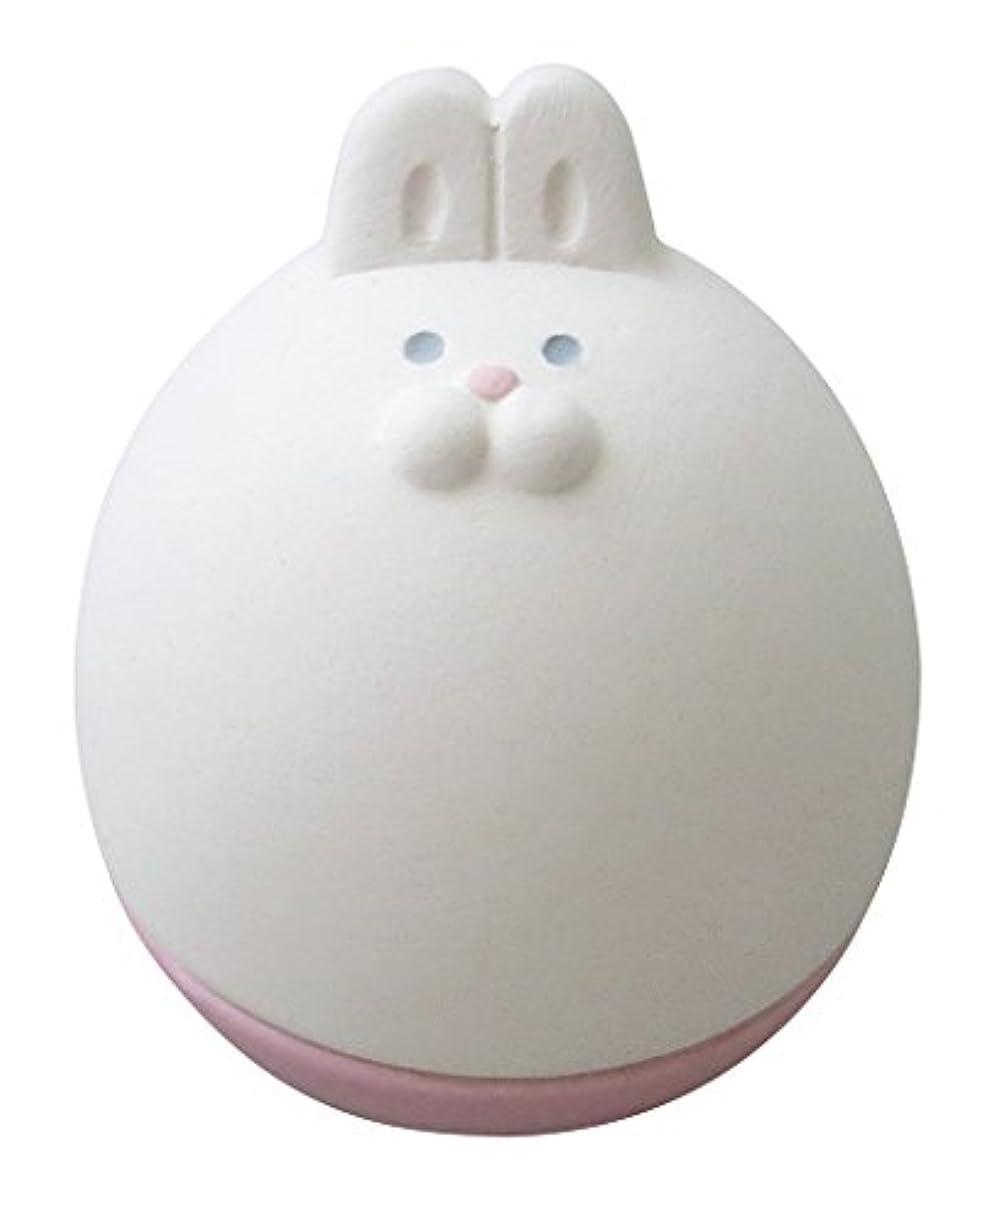 ワイプヨーロッパ無声でデコレ(DECOLE) アロマおきあがりこぼし ホワイト 5.0×5.7×h6.3 うさ AG-92303